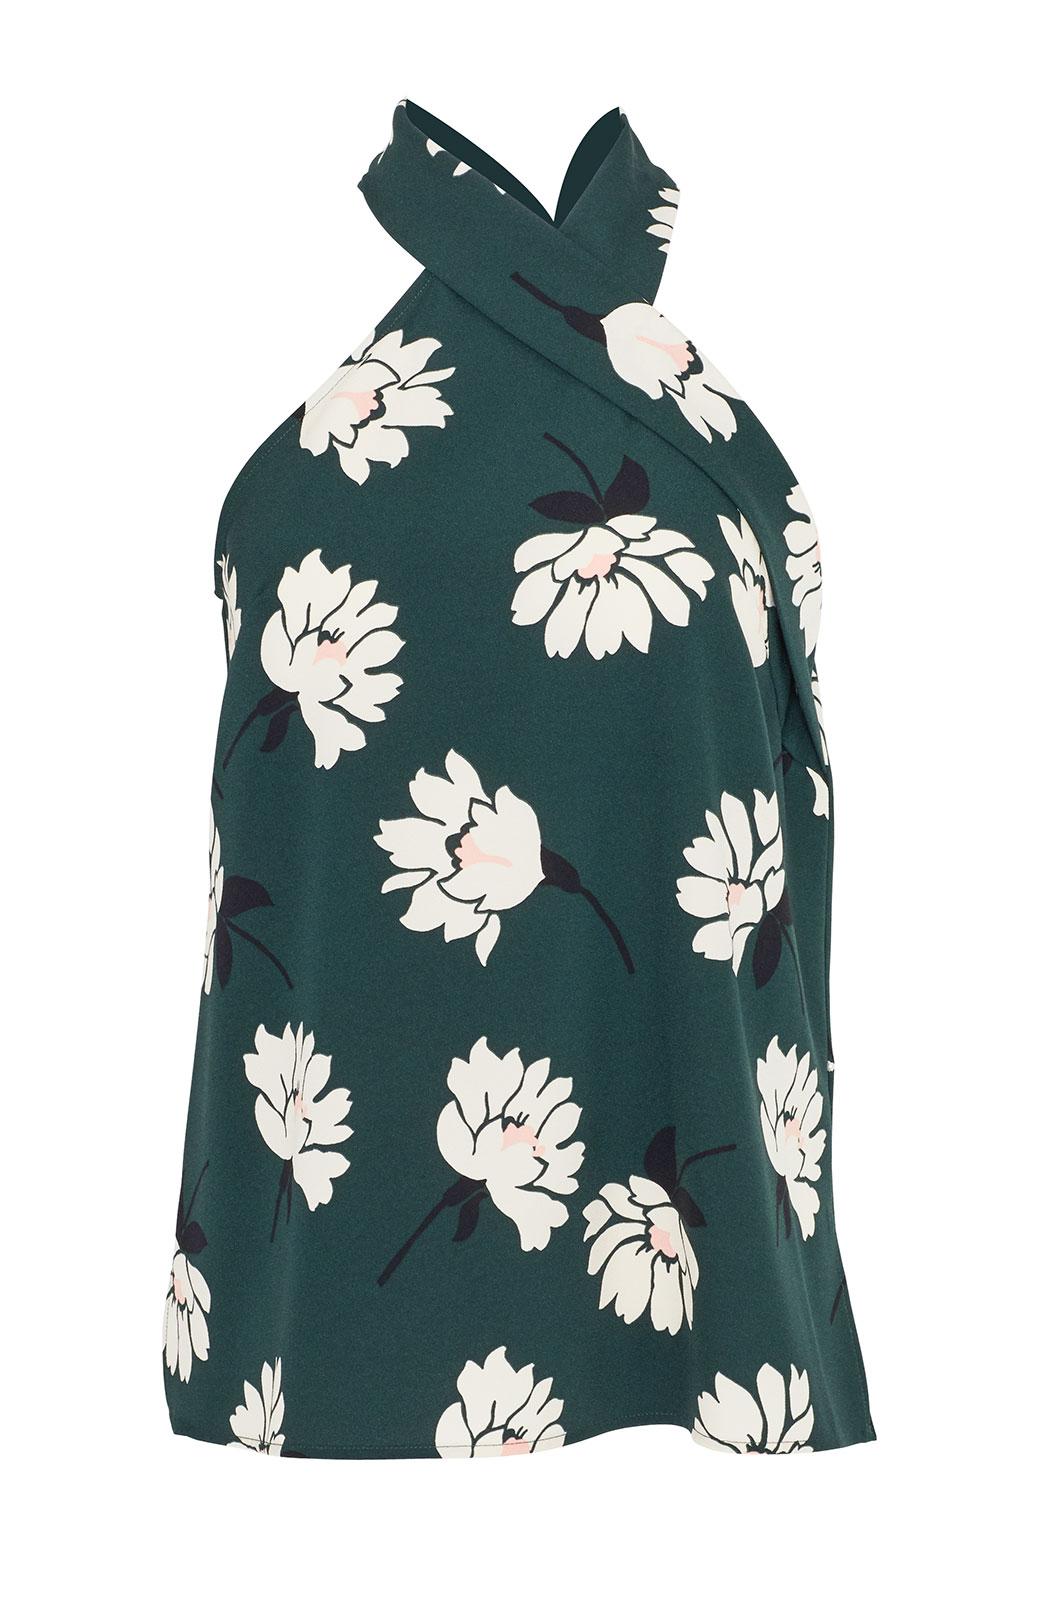 <ul><li>Floral crepe halter top with tie detail</li><li>Designed for a loose fit</li><li>Concealed zip fastening and buttons at center back</li><li>Polyester/Elastane</li><li>Machine wash cold, dry flat</li><li>Made in USA</li></ul>